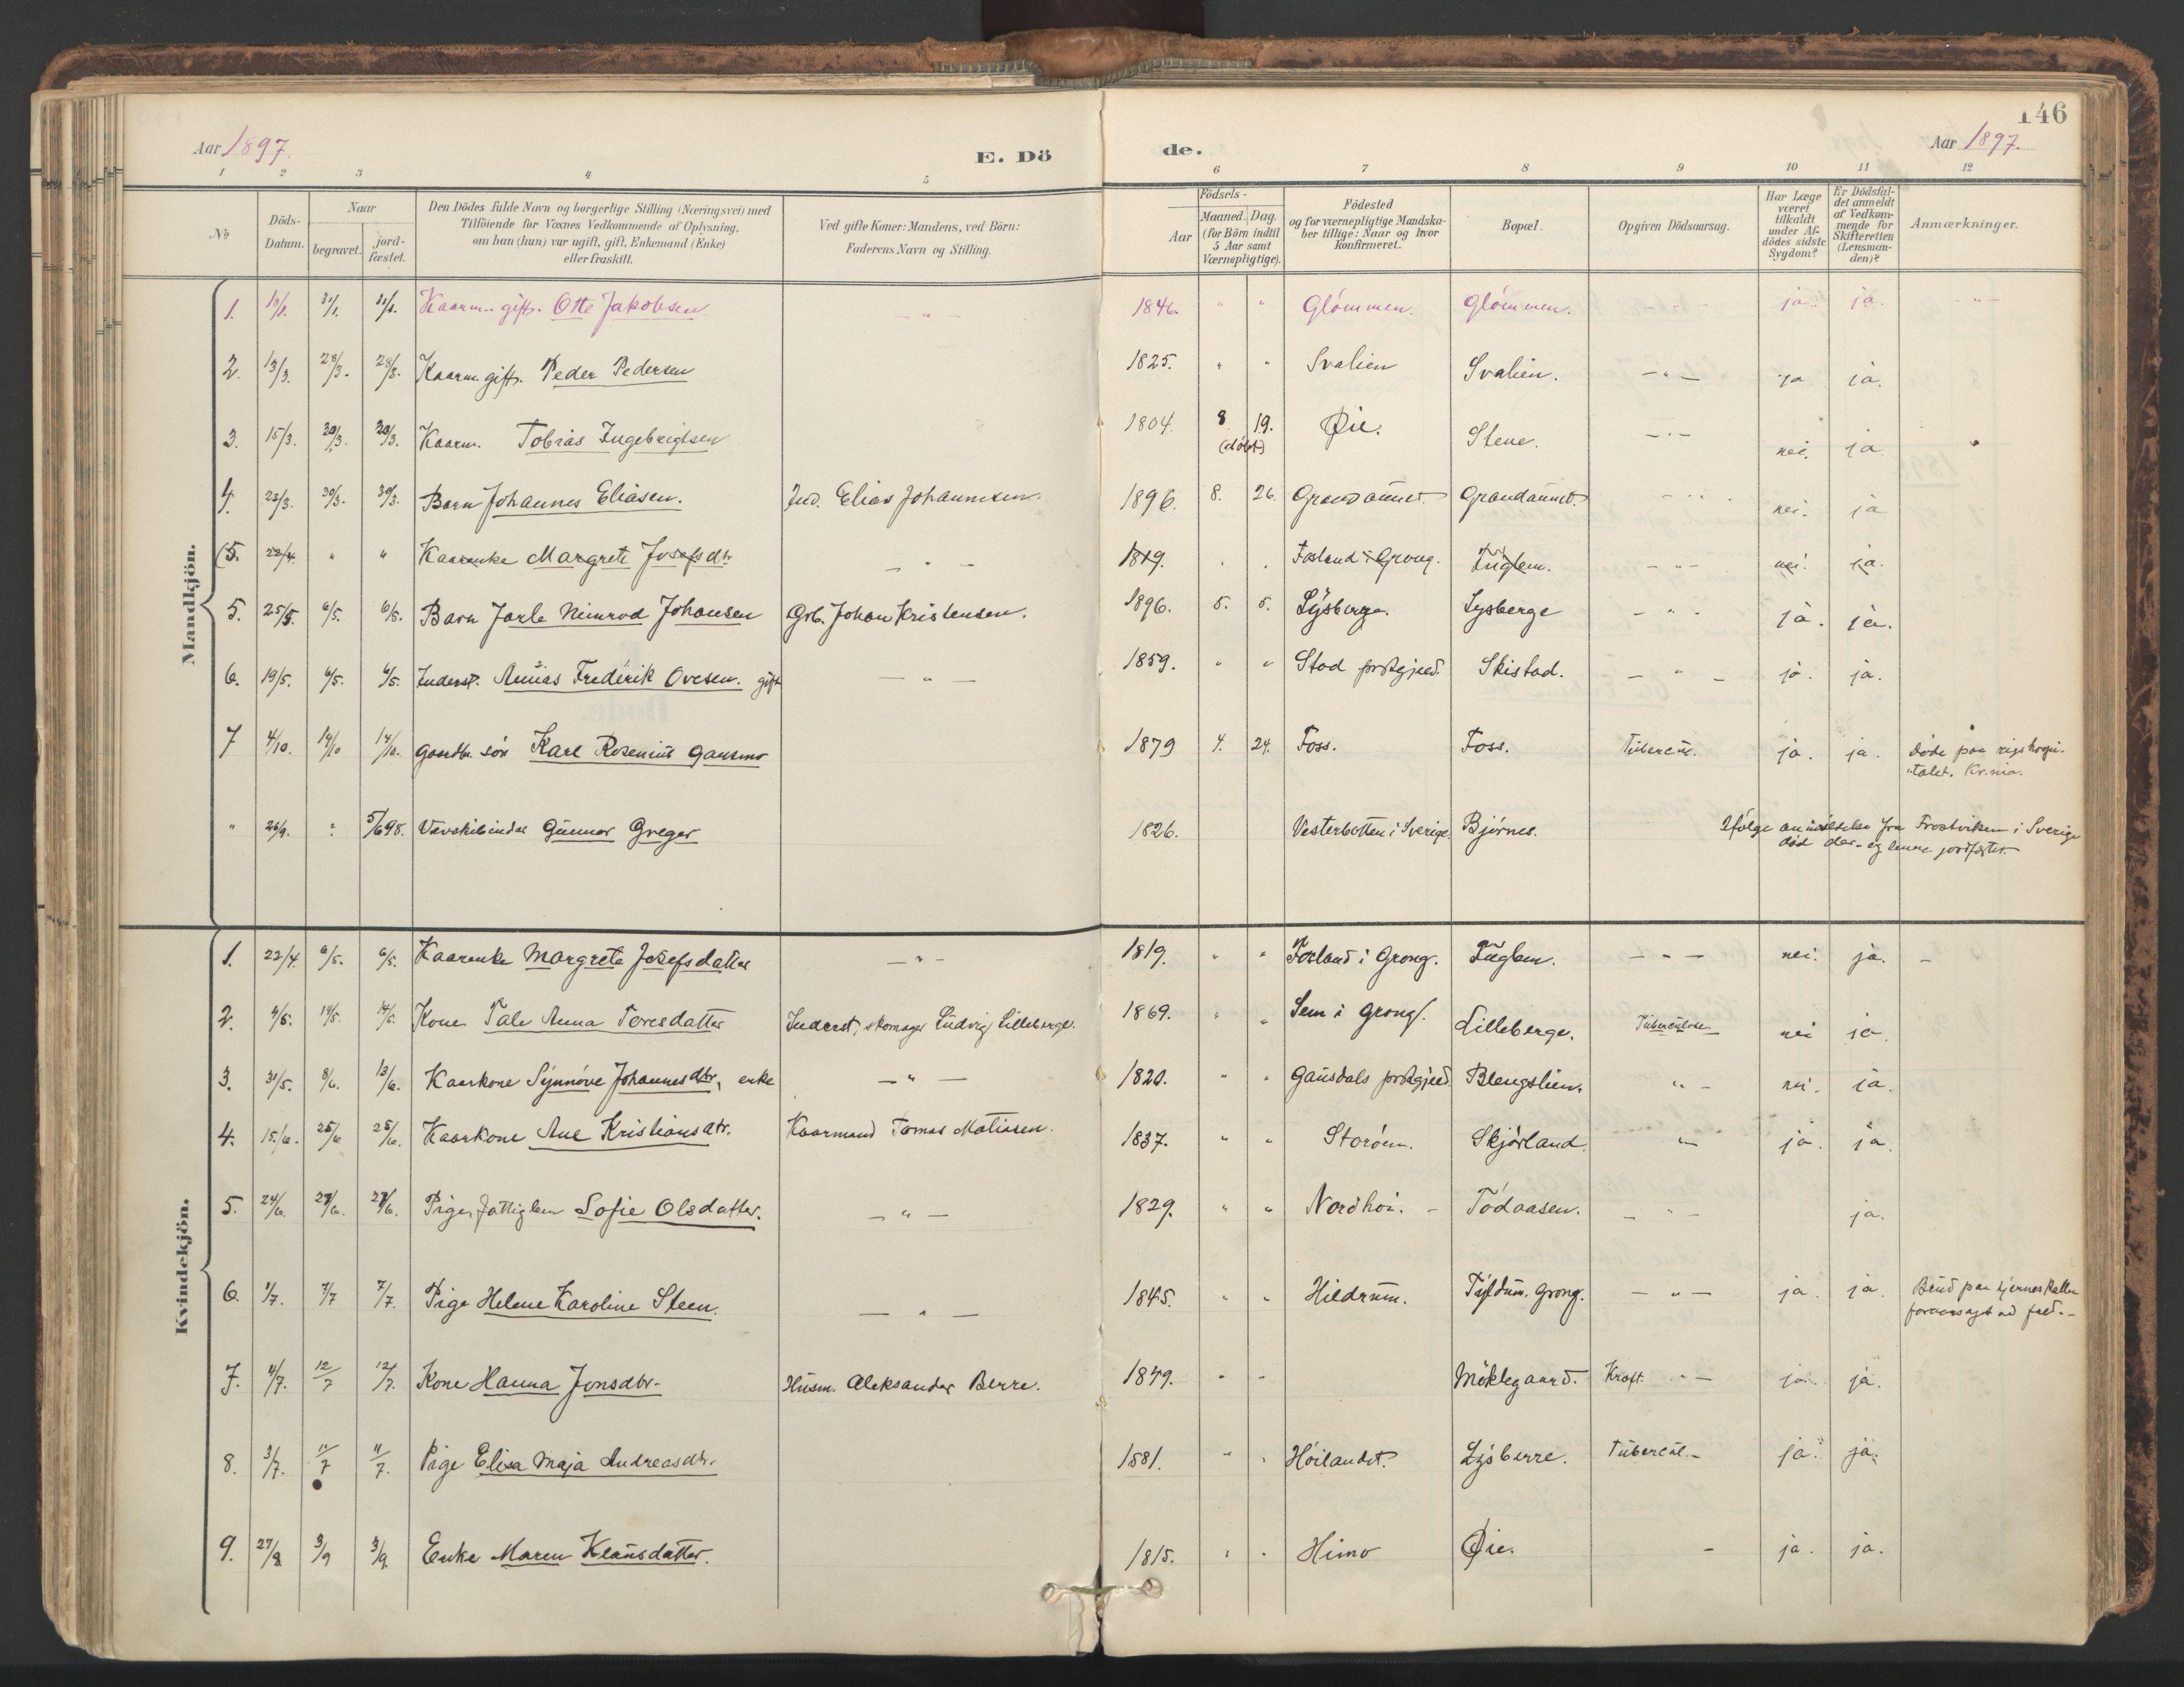 SAT, Ministerialprotokoller, klokkerbøker og fødselsregistre - Nord-Trøndelag, 764/L0556: Ministerialbok nr. 764A11, 1897-1924, s. 146